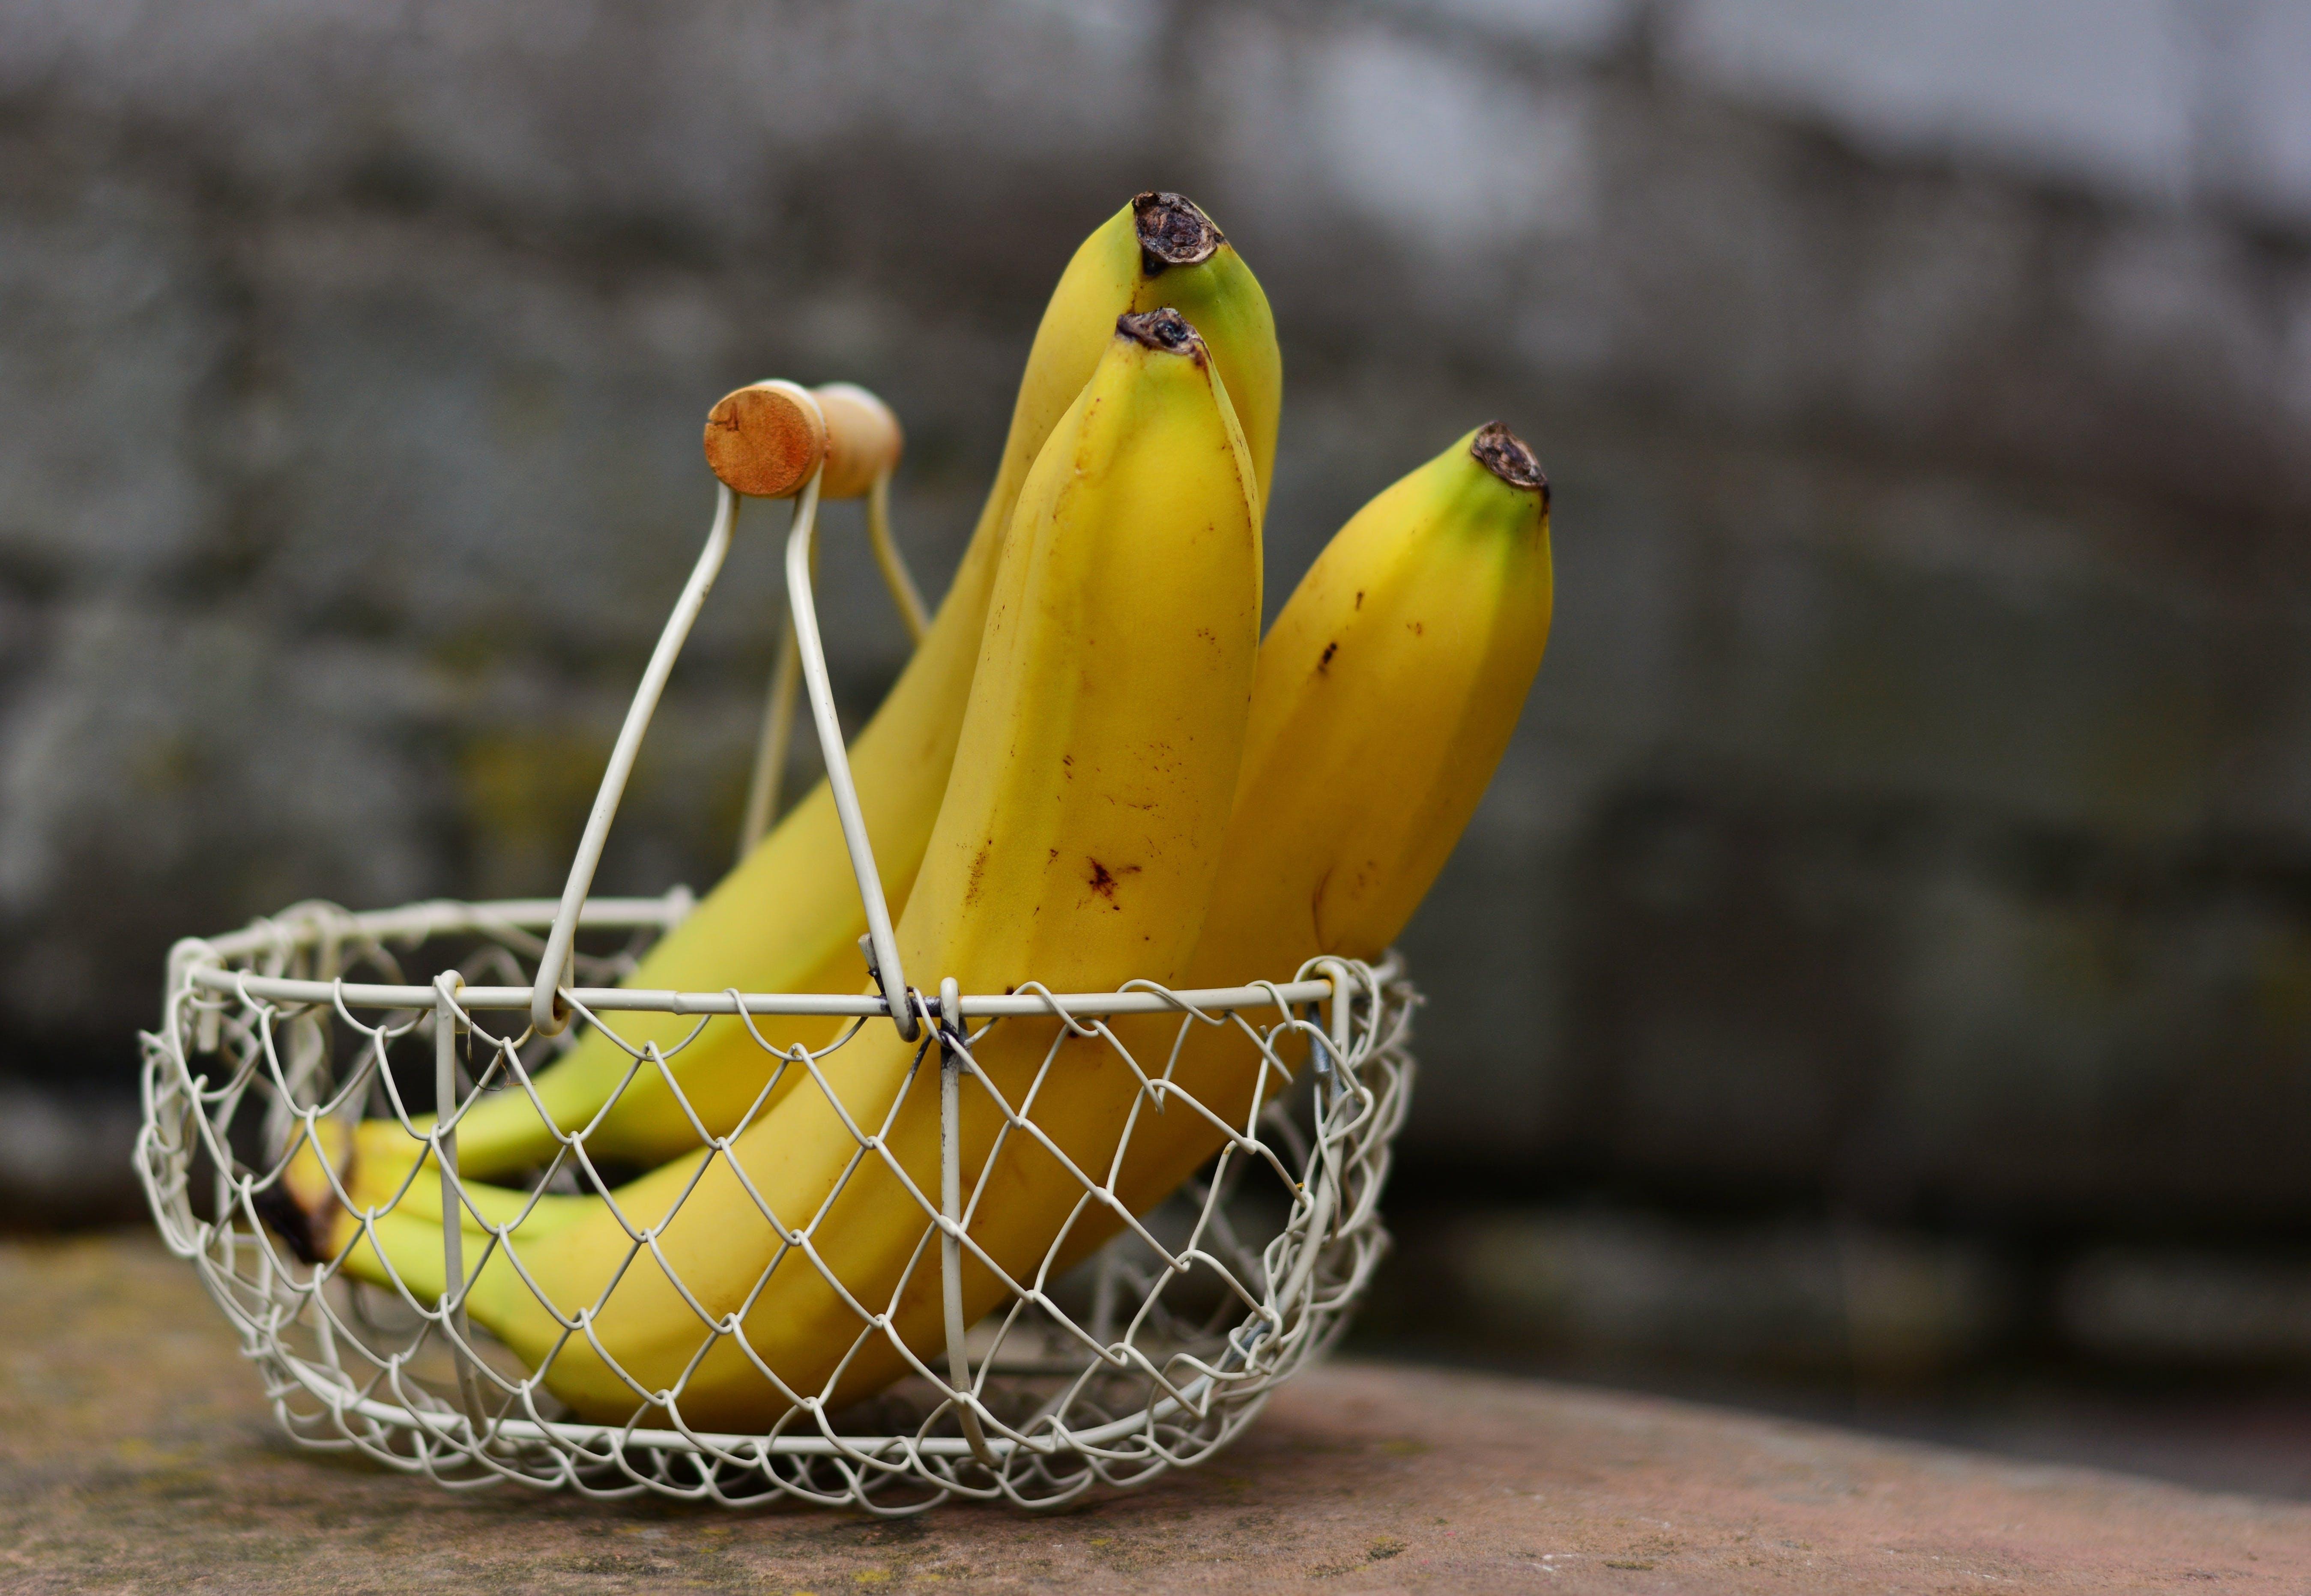 bananas, basket, blur